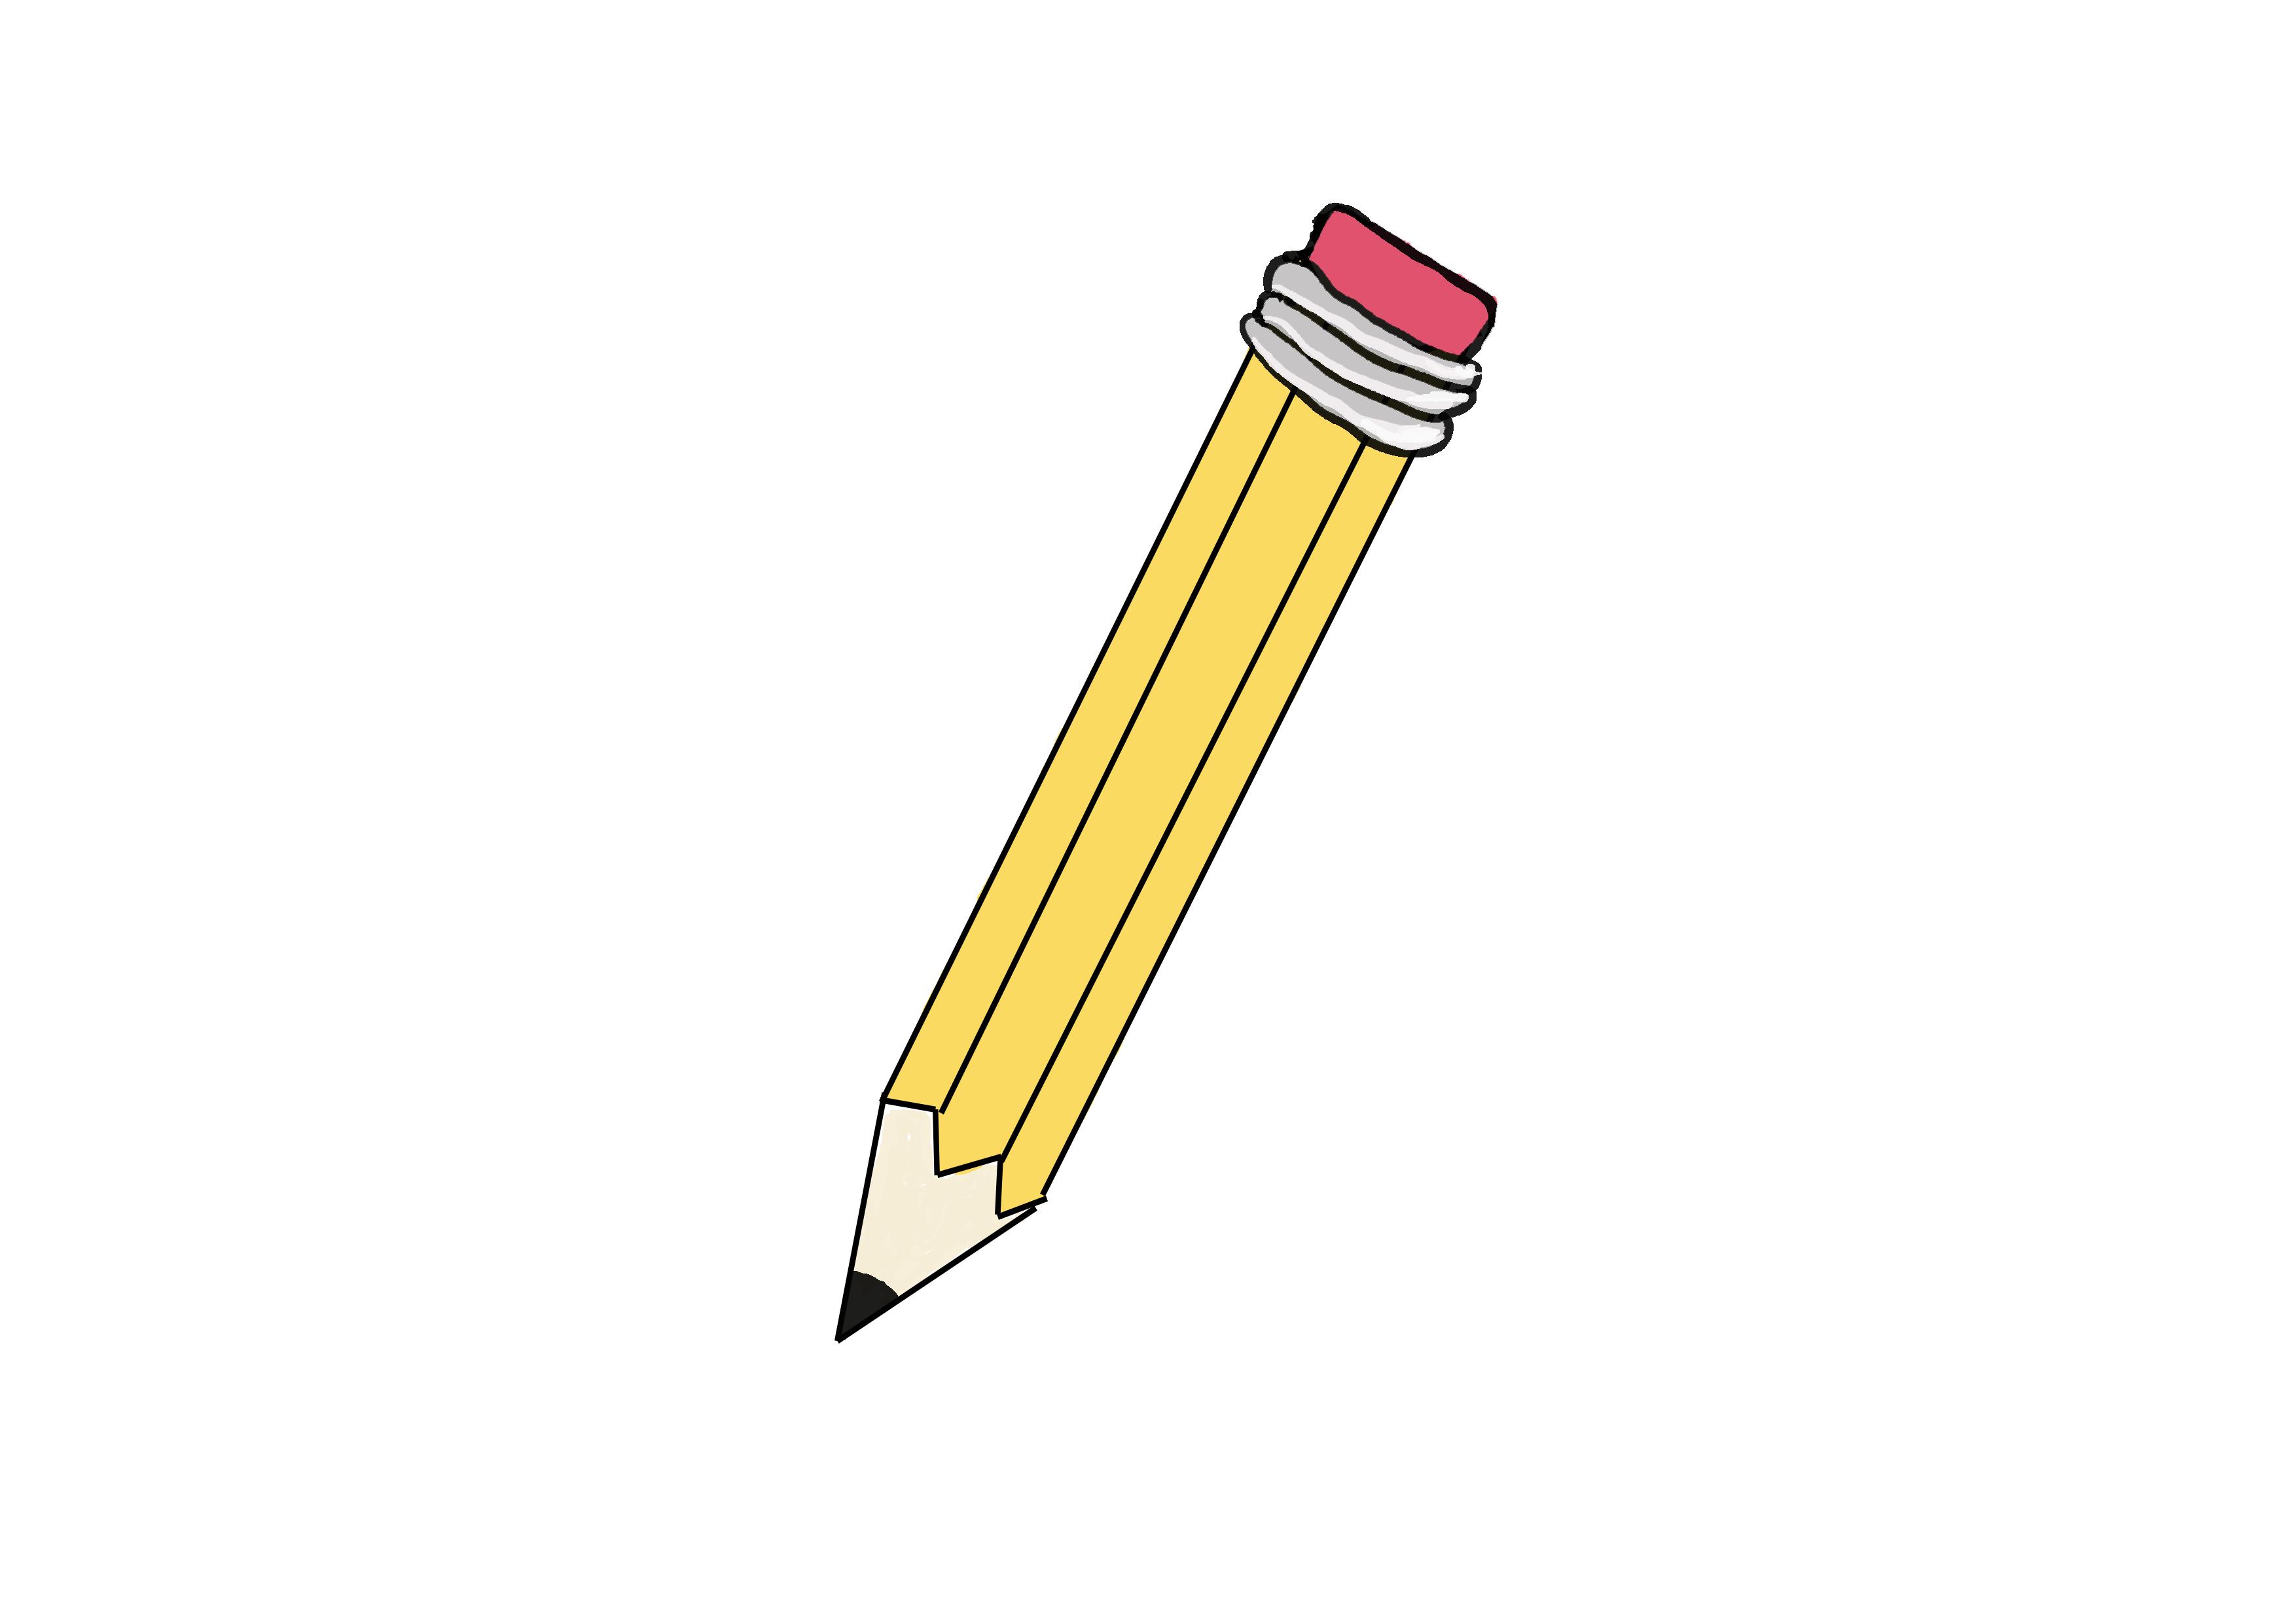 商用フリーイラスト【えんぴつ、鉛筆】